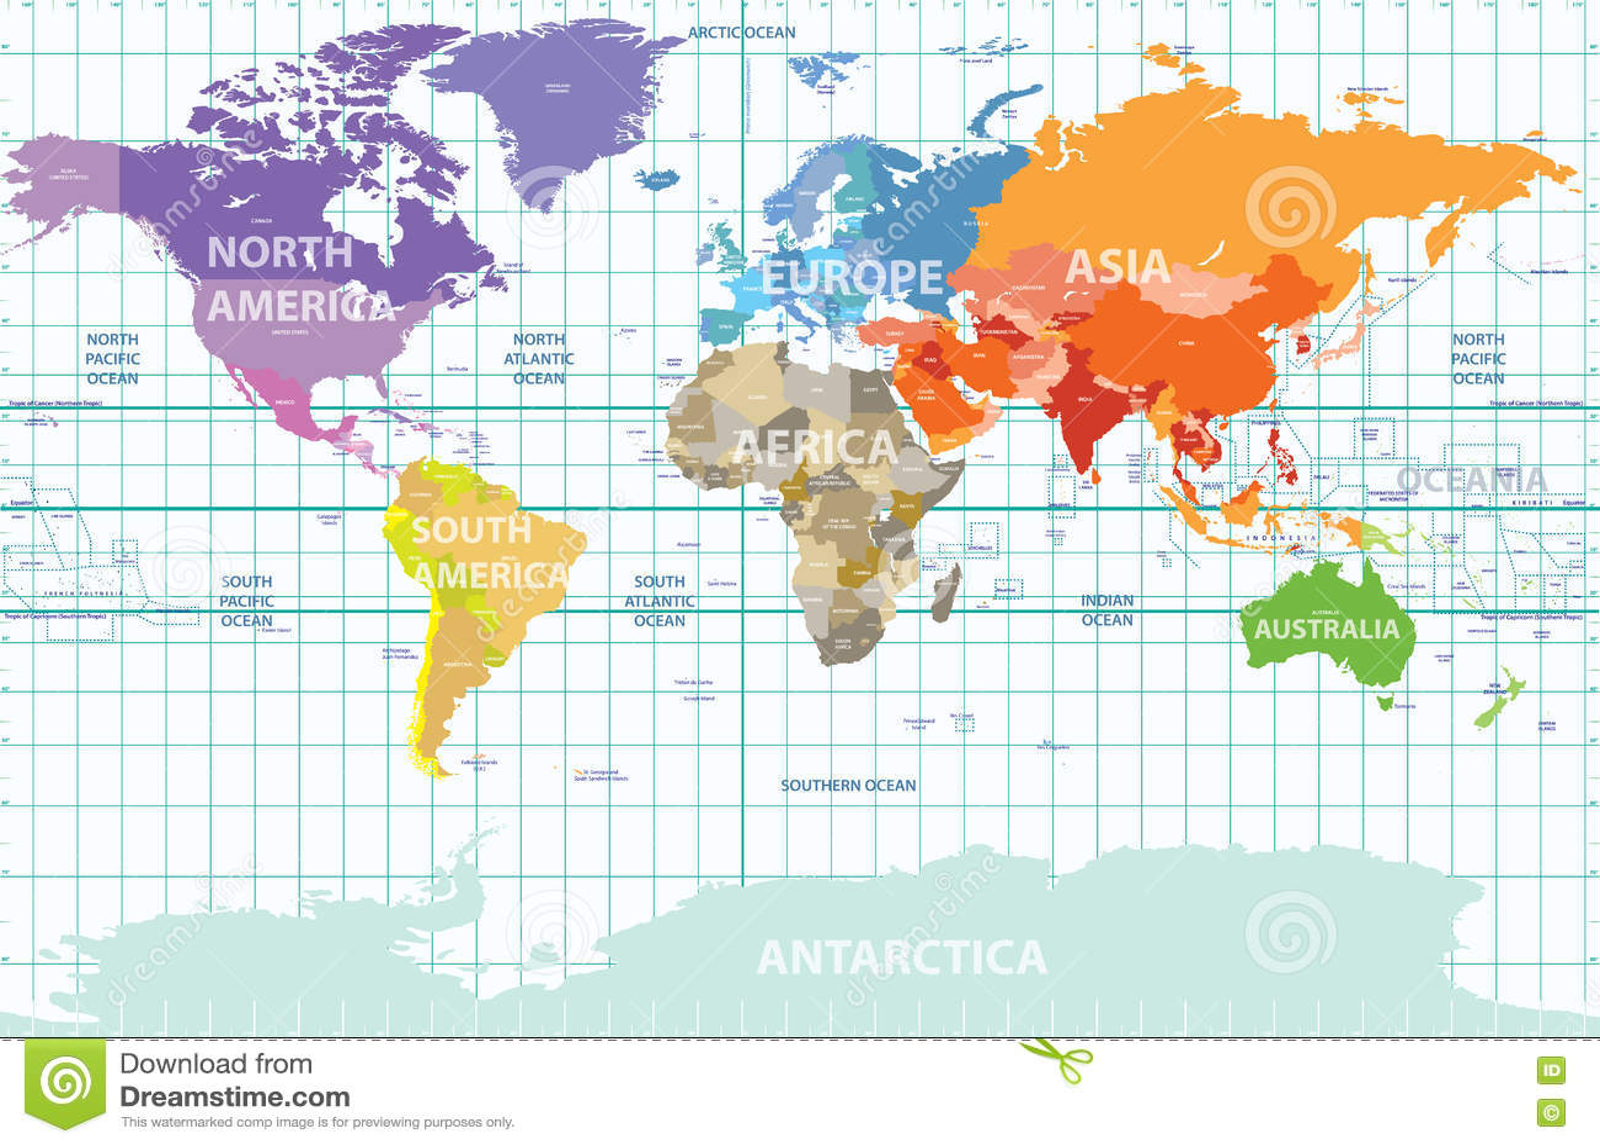 Karte Kontinente Welt.Politische Karte Der Welt Mit Allen Kontinenten Getrennt